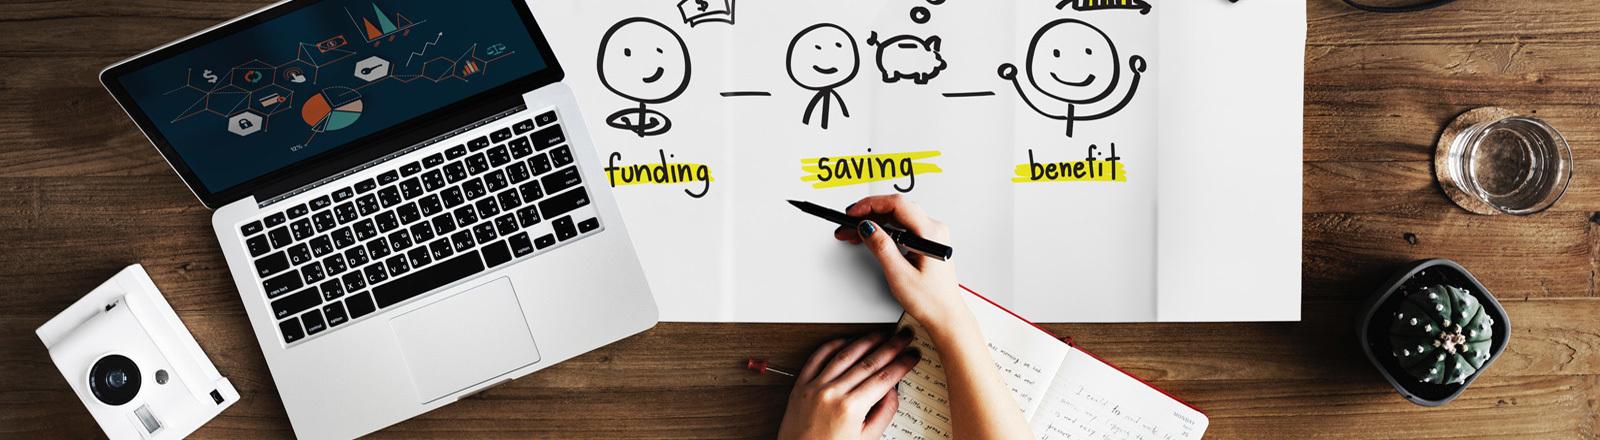 Symbolbild für ein Startup-Unternehmen. Auf dem Tisch steht ein Laptop, ein Notizbuch und Ein Blatt Papier mit einen Finanzstrategie.